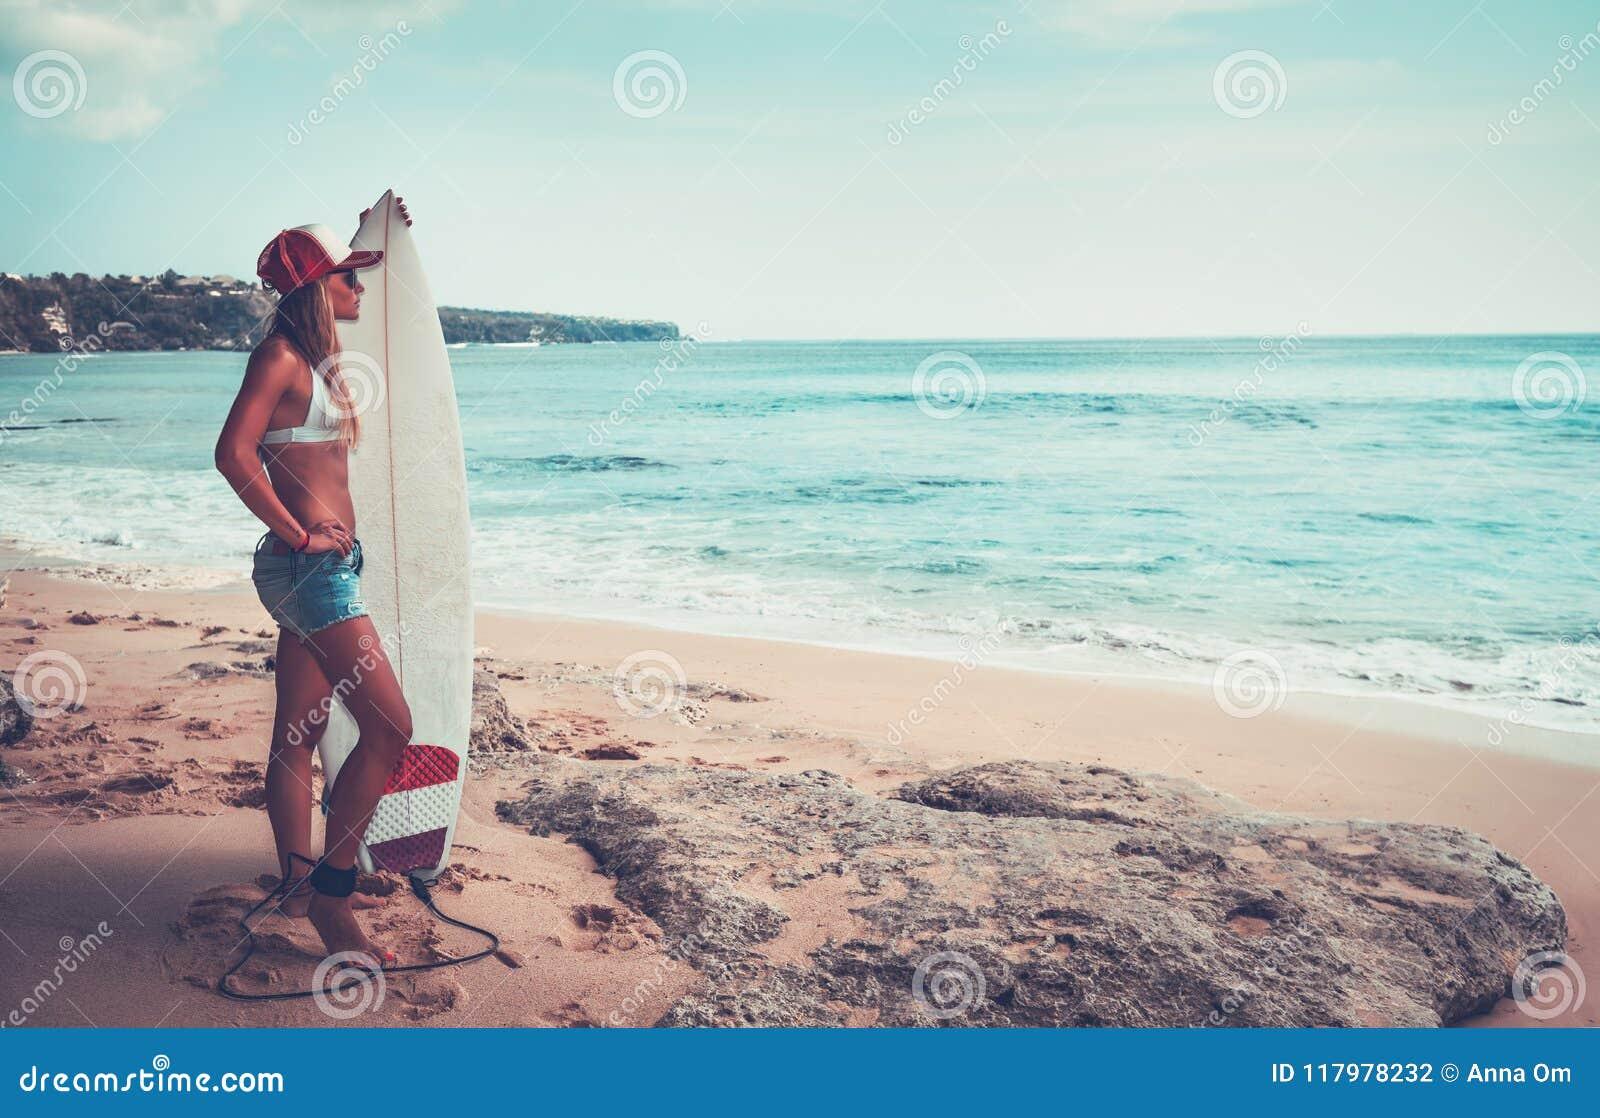 Красивая девушка серфера на пляже